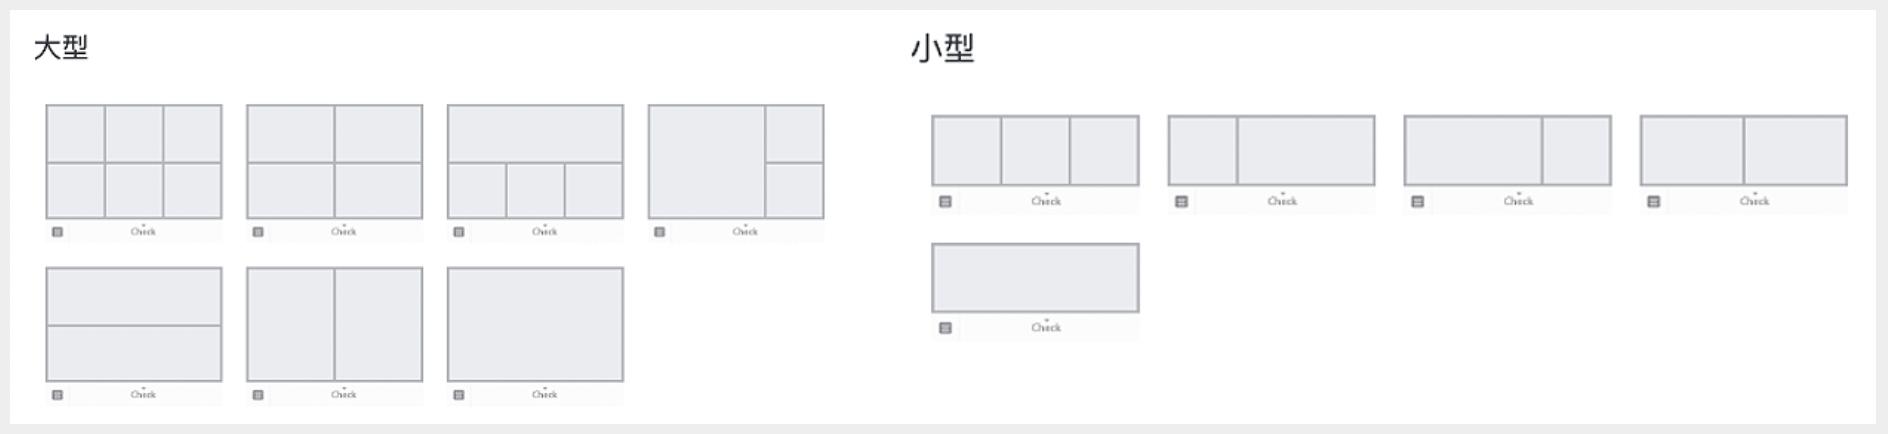 官方LINE的圖文選單共有12種版型可以選擇